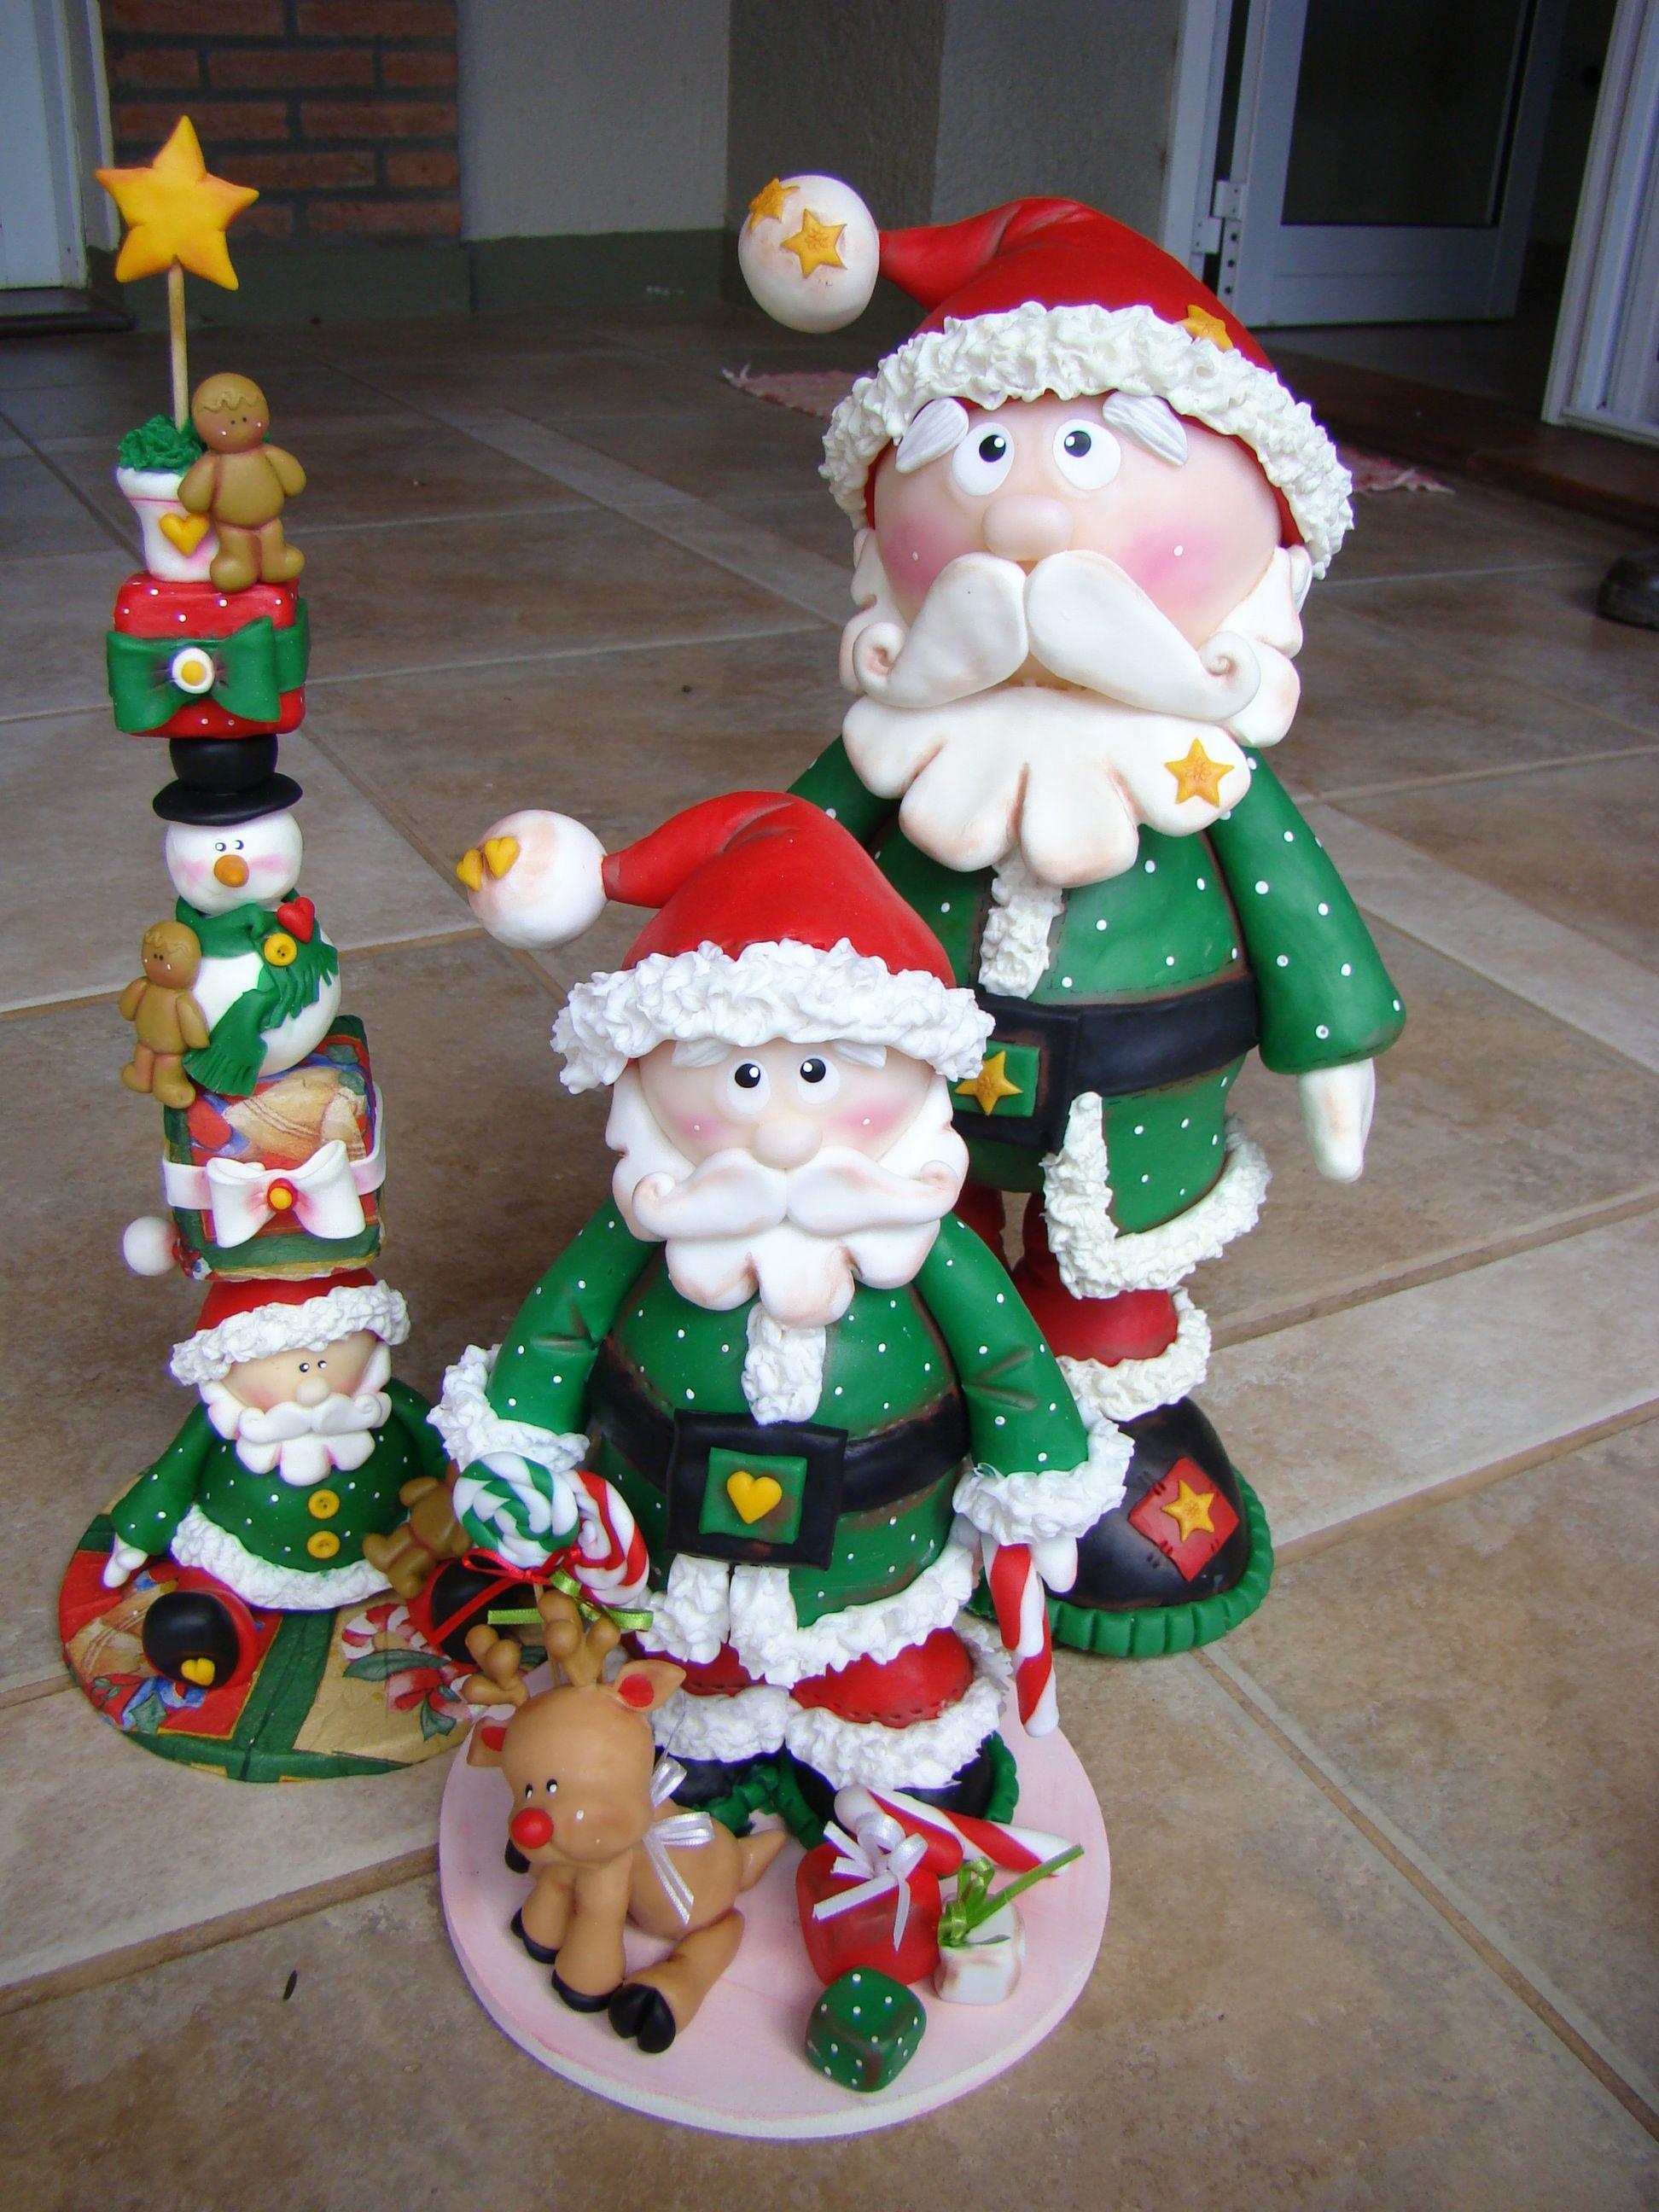 Papa noel y totem en porcelana fria navidad en porcelana for Adornos navidenos en porcelana fria utilisima